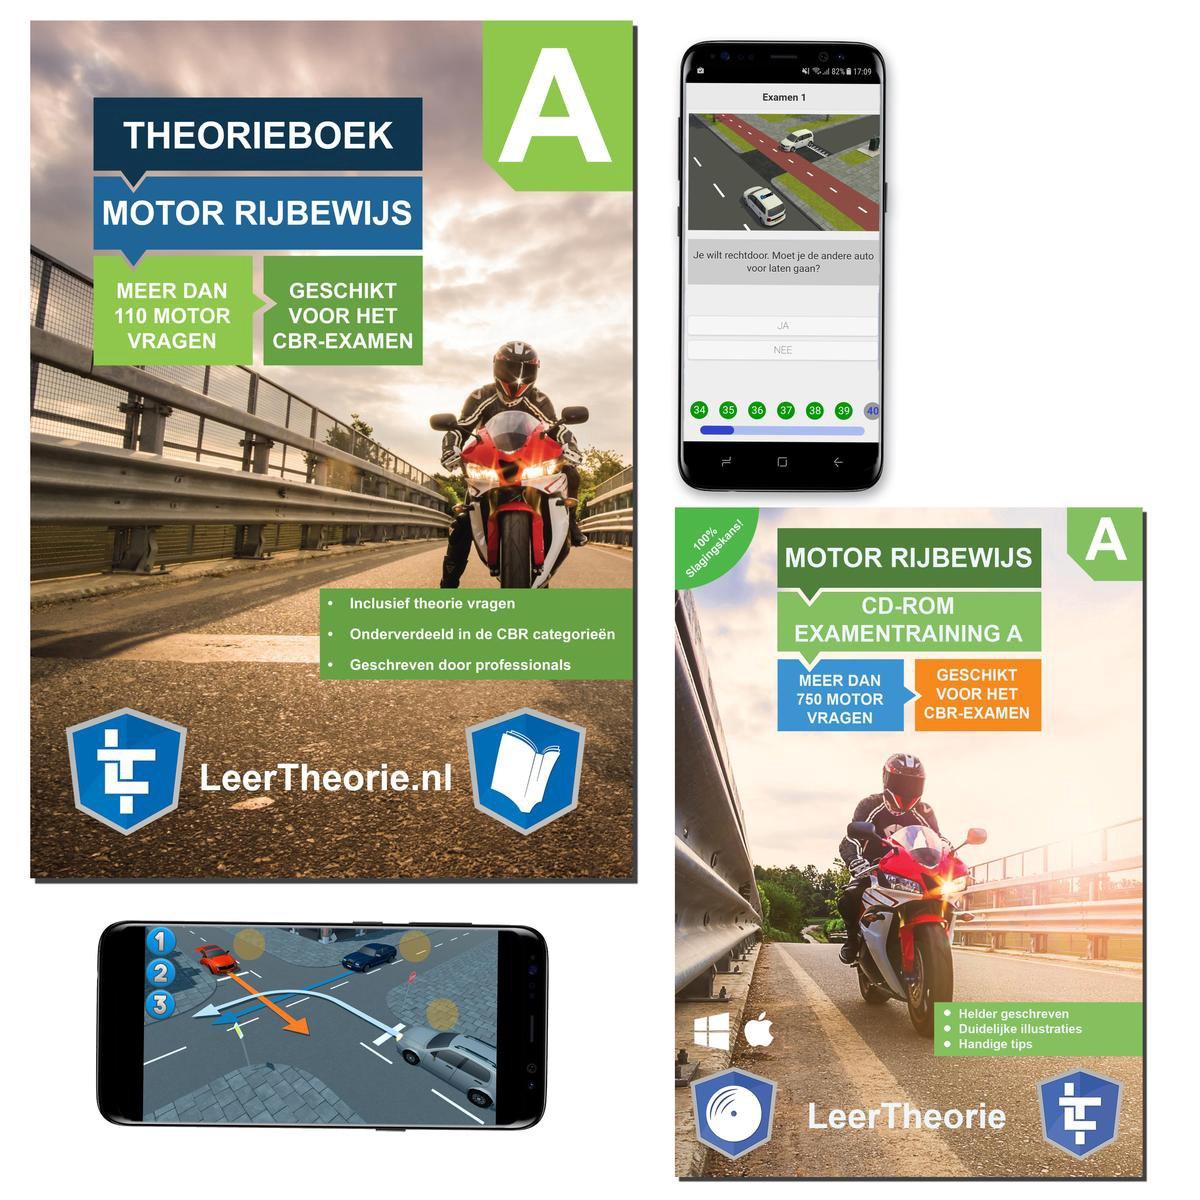 Motor Theorieboek - Theorie Leren Motor Rijbewijs A + CD-ROM incl. MotorTheorieboek Smartphone Exame